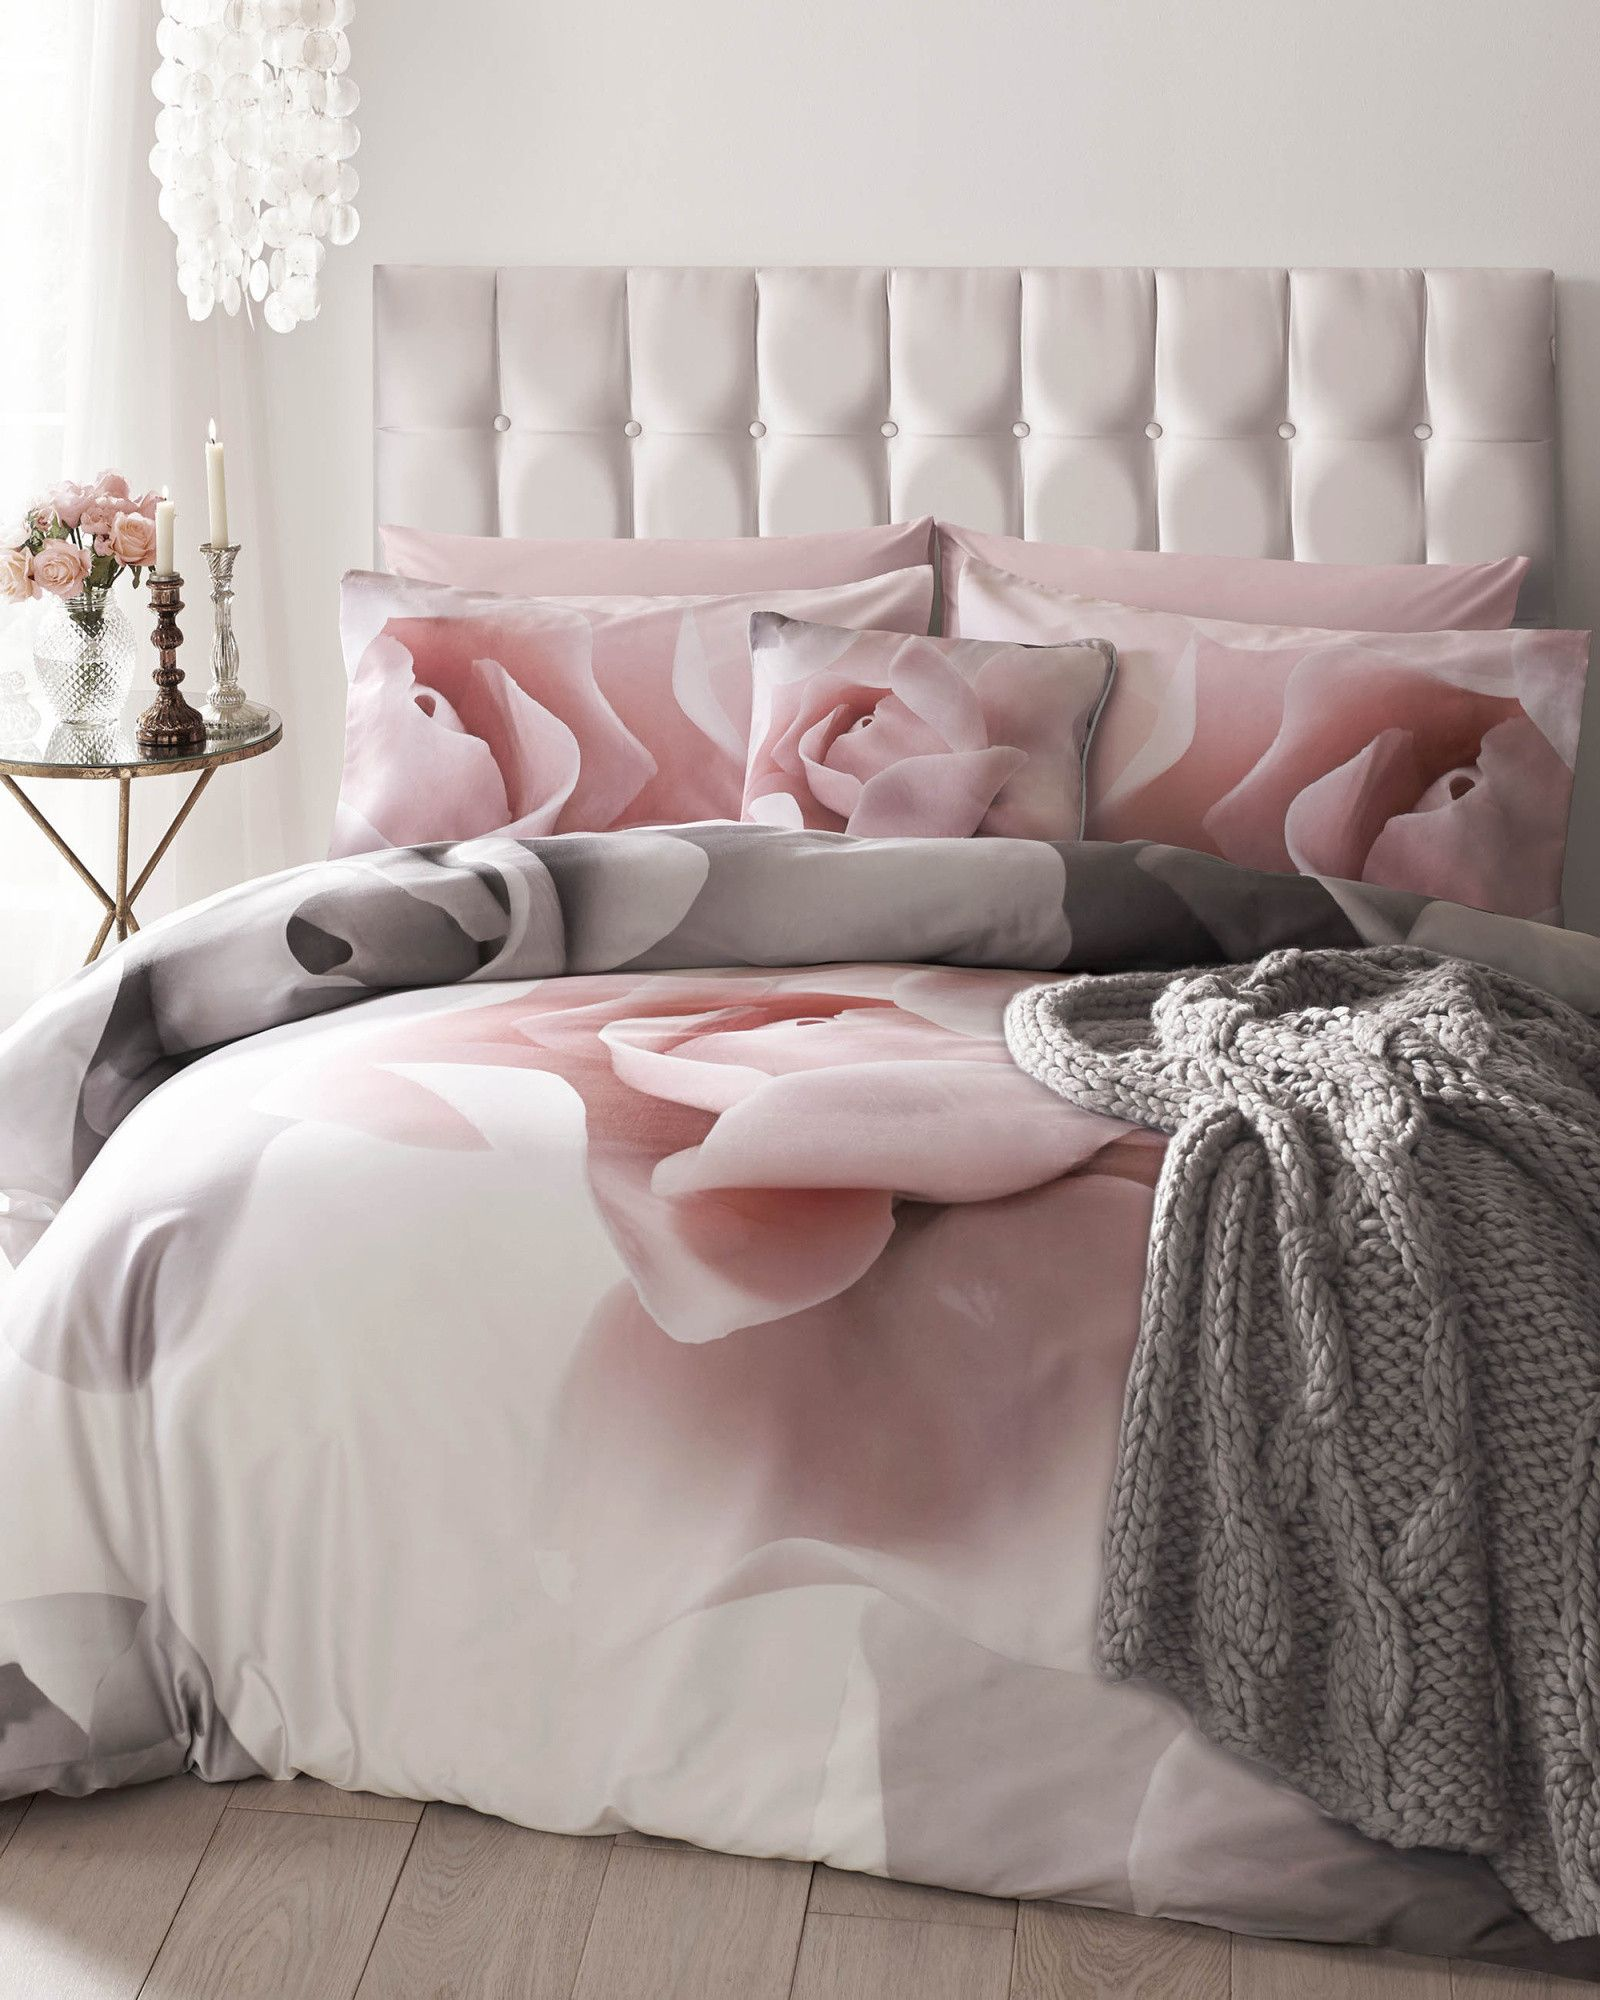 Ted Baker Porcelain Rose Super King Duvet Cover Pink And Grey